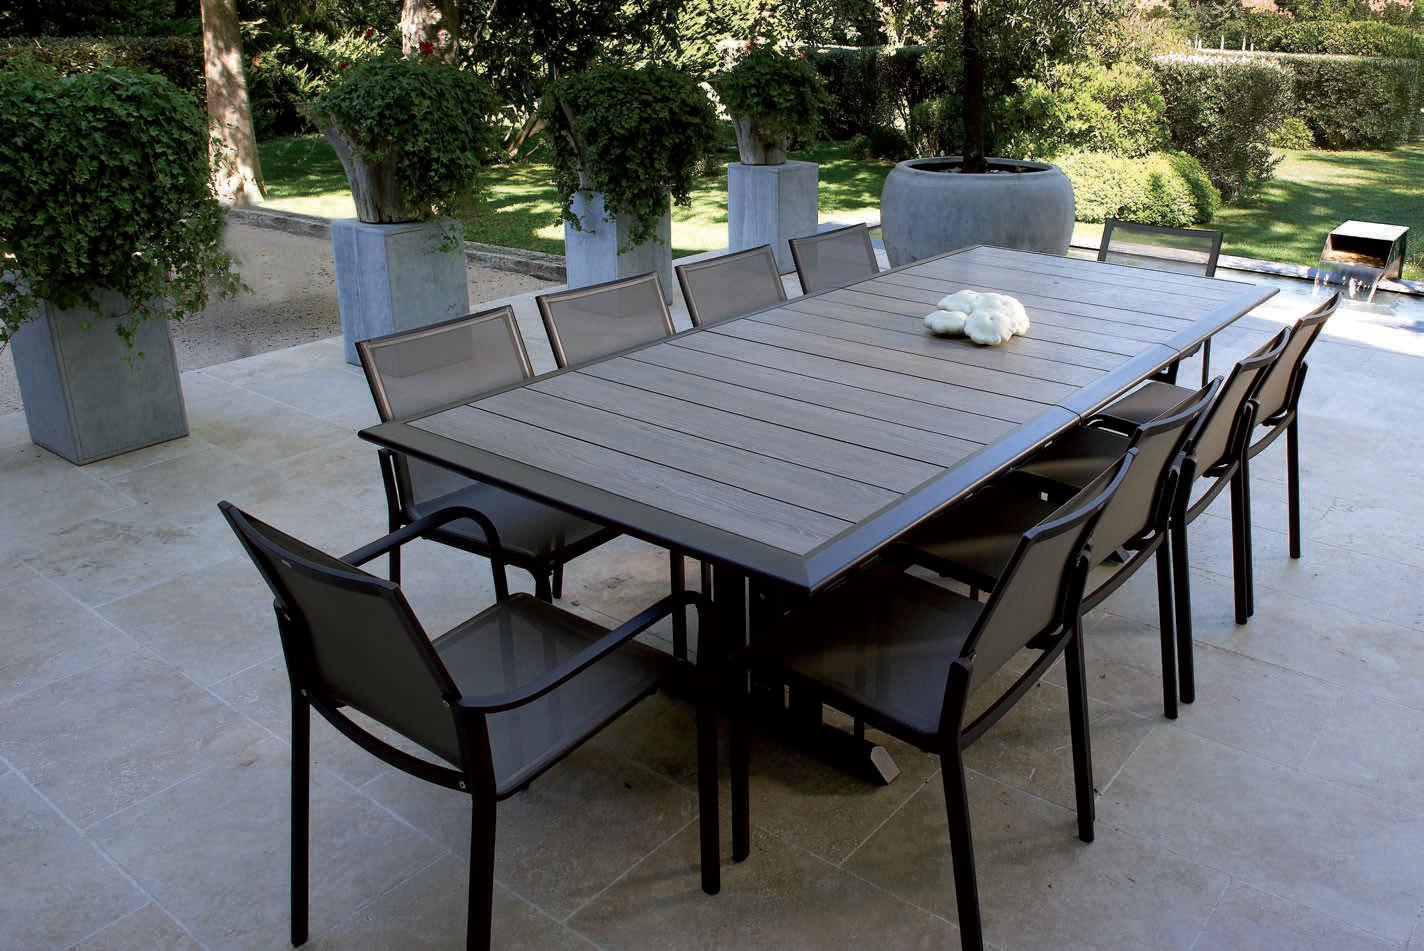 Hegoa By Claude Robin - Table Contemporaine / En Métal / Rectangulaire / De  Jardin By Les Jardins | Archiexpo destiné Intermarché Table De Jardin